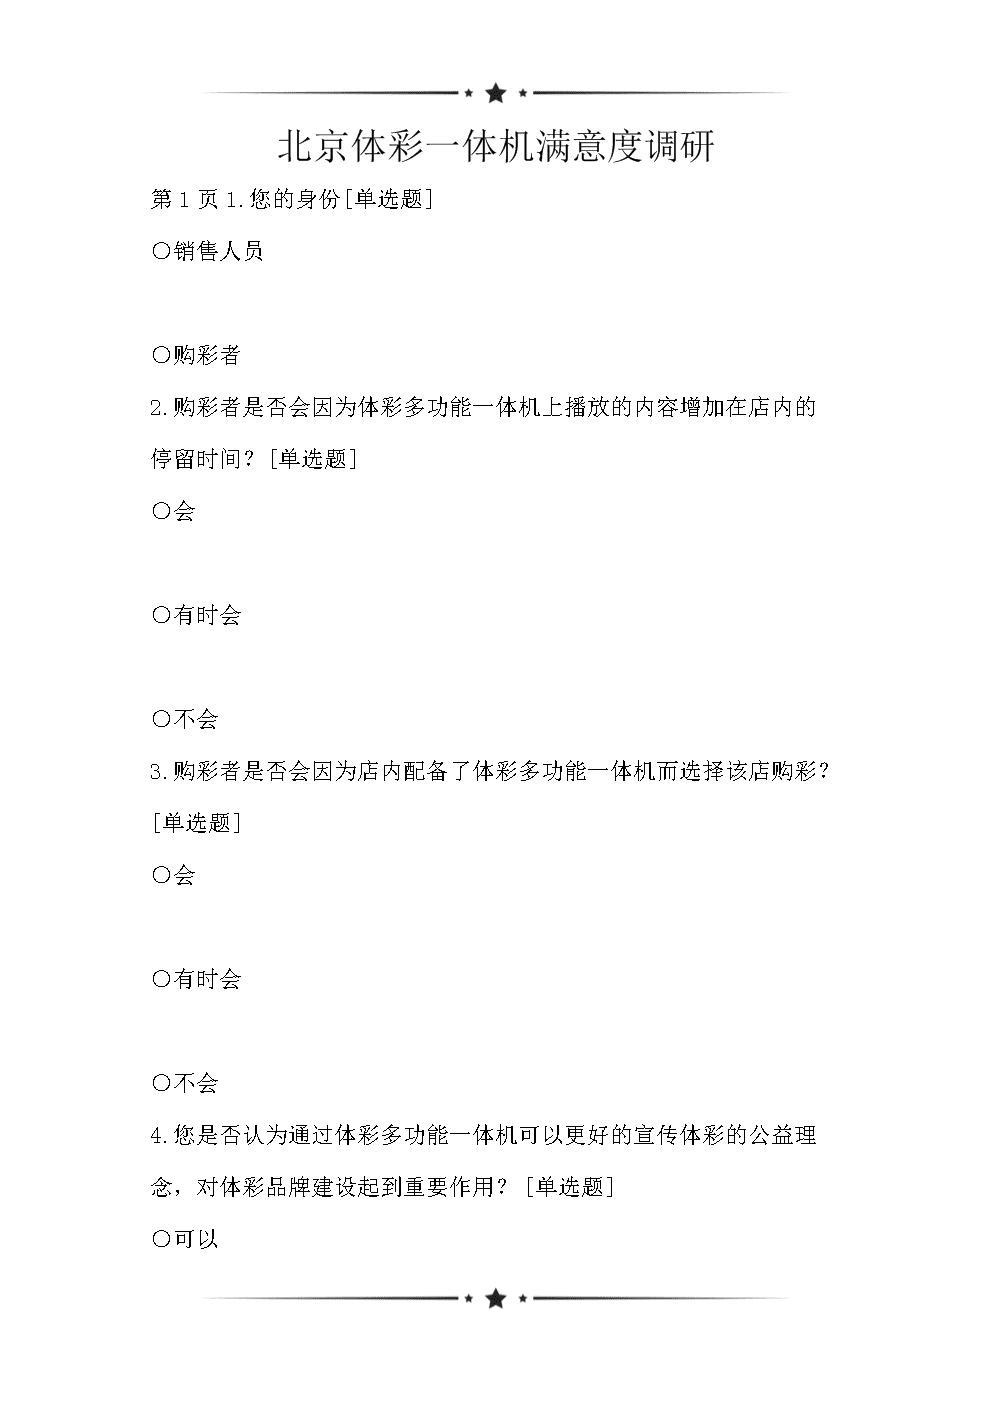 北京体彩一体机满意度调研(可编辑).doc